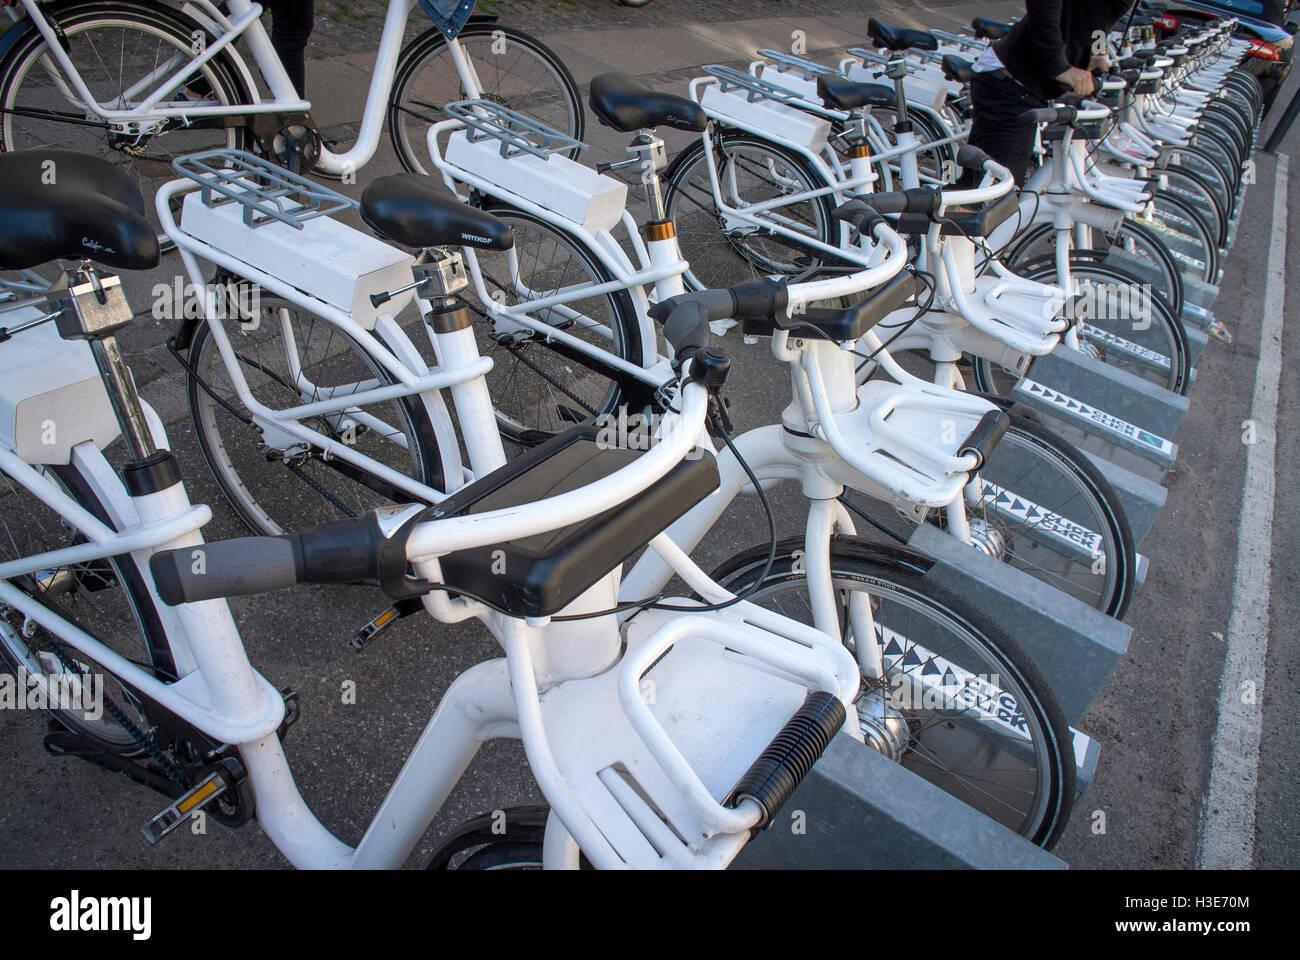 Bikes for hire along Bredgate in Copenhagen, Denmark. - Stock Image